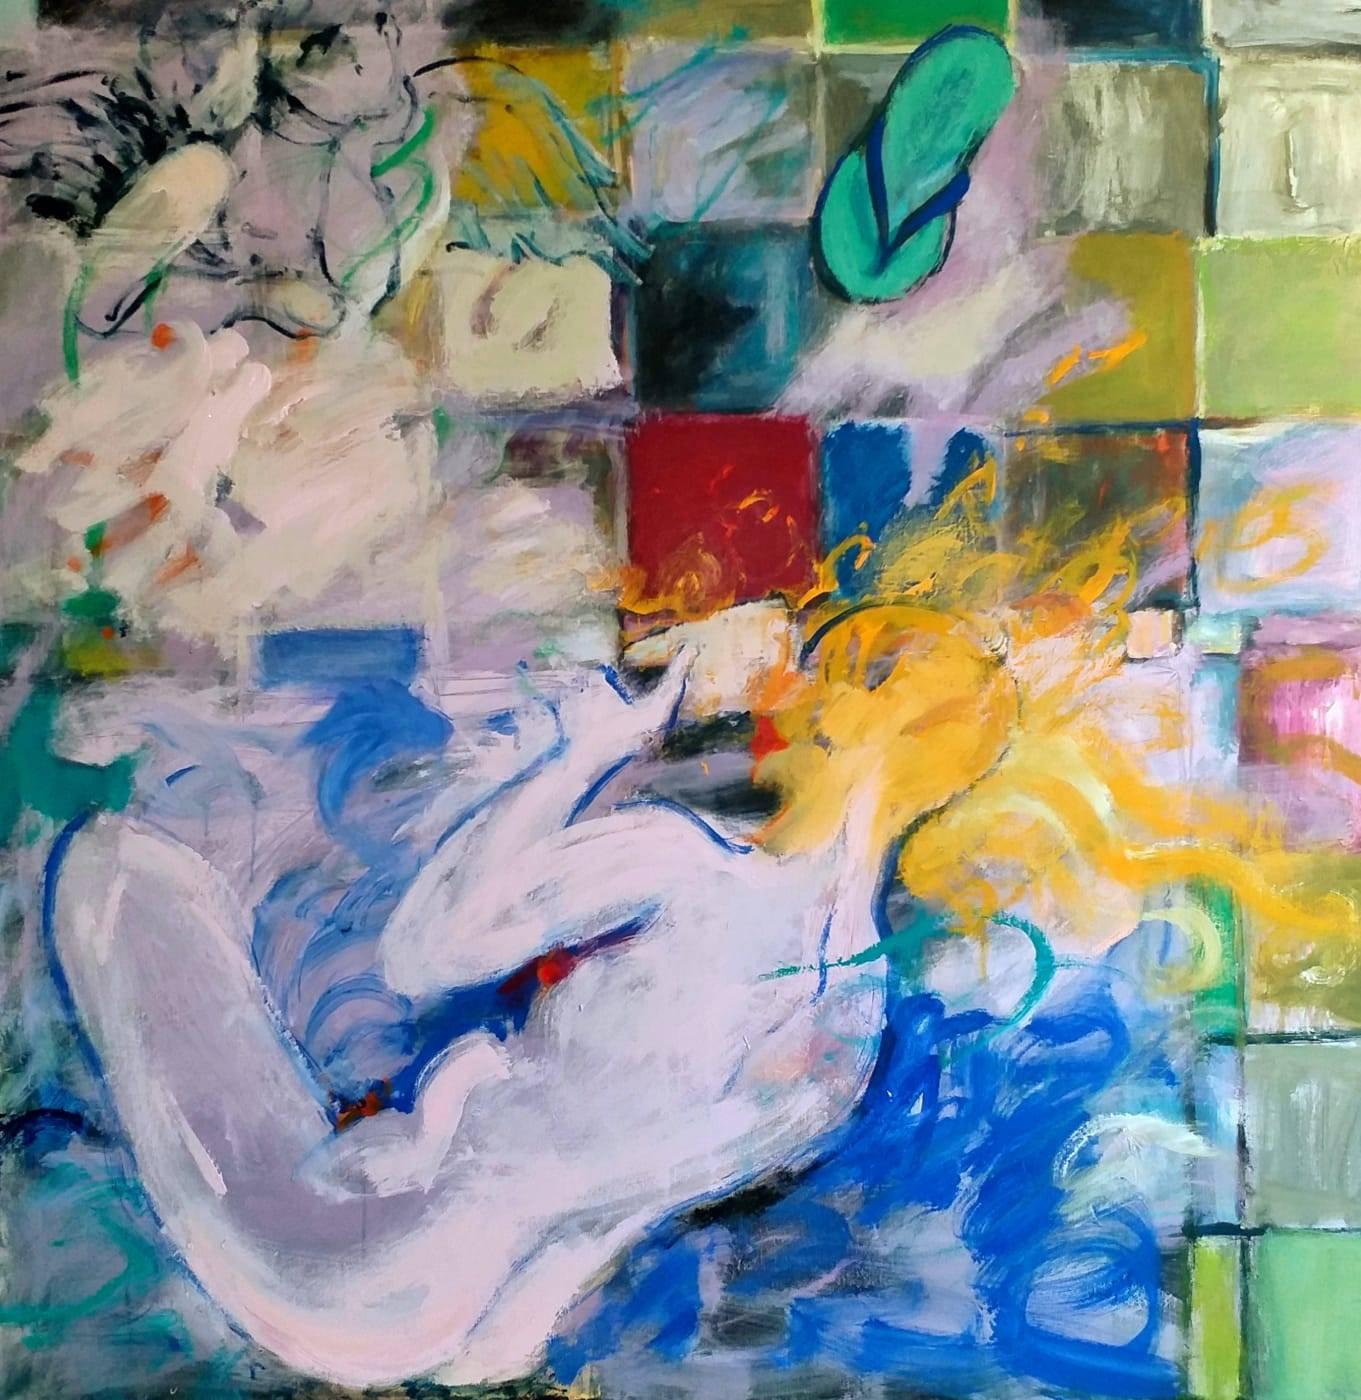 Venus Bild Ihres Kunstwerks an der Wand